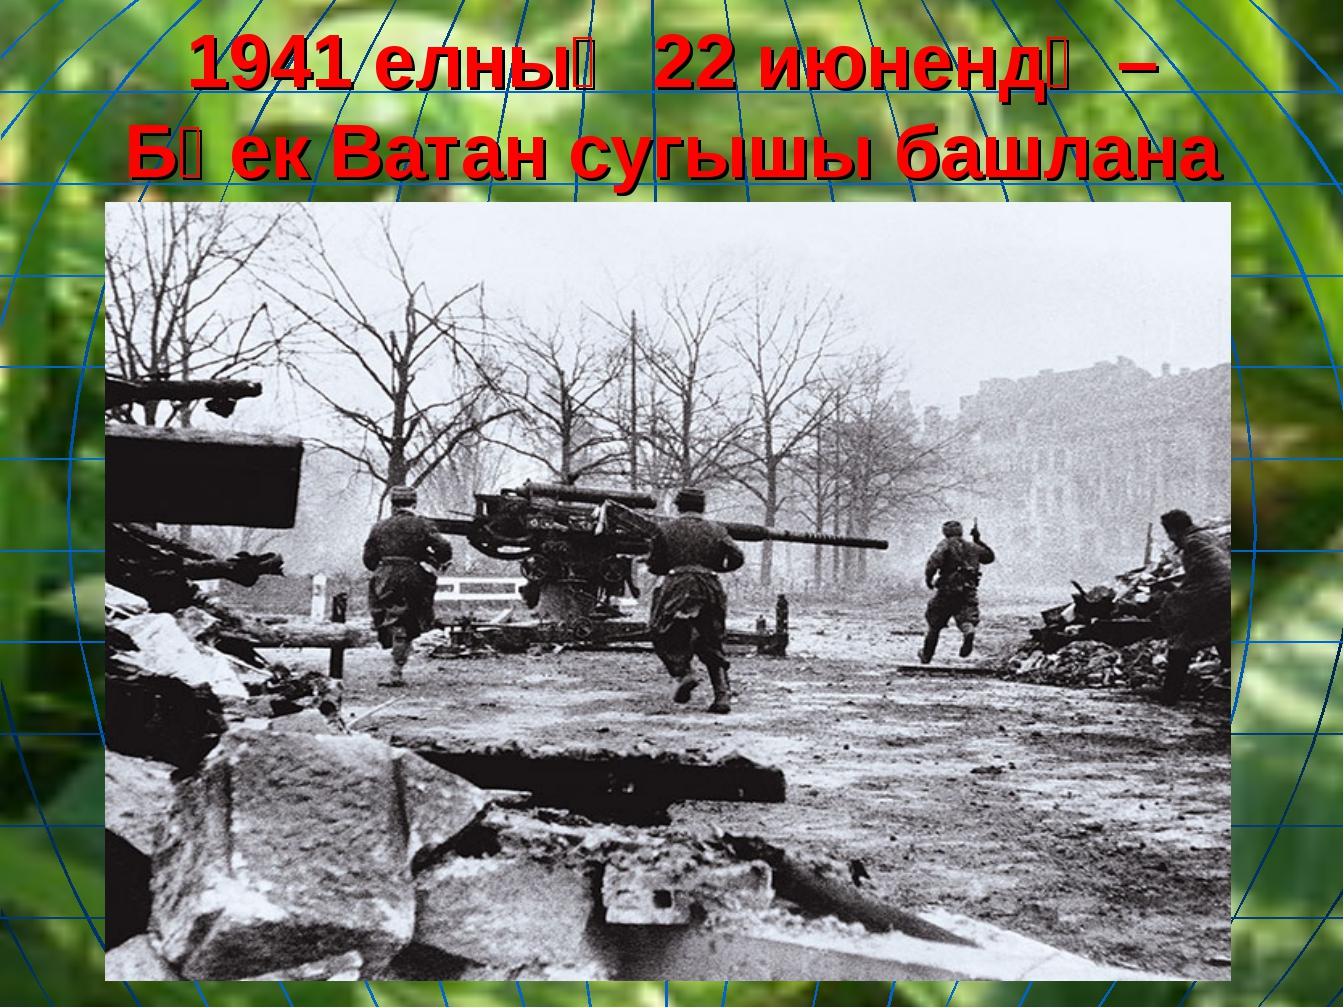 1941 елныӊ 22 июнендә – Бөек Ватан сугышы башлана